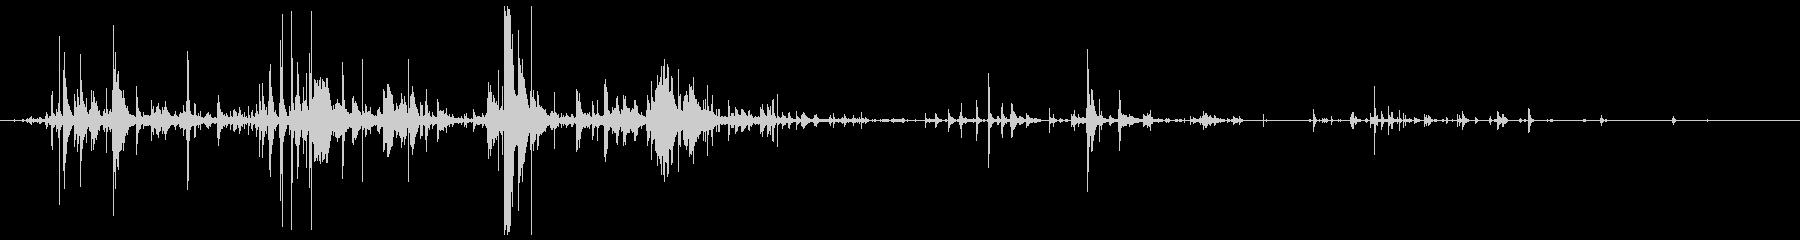 グラスデブリスピル、クラッシュグラ...の未再生の波形